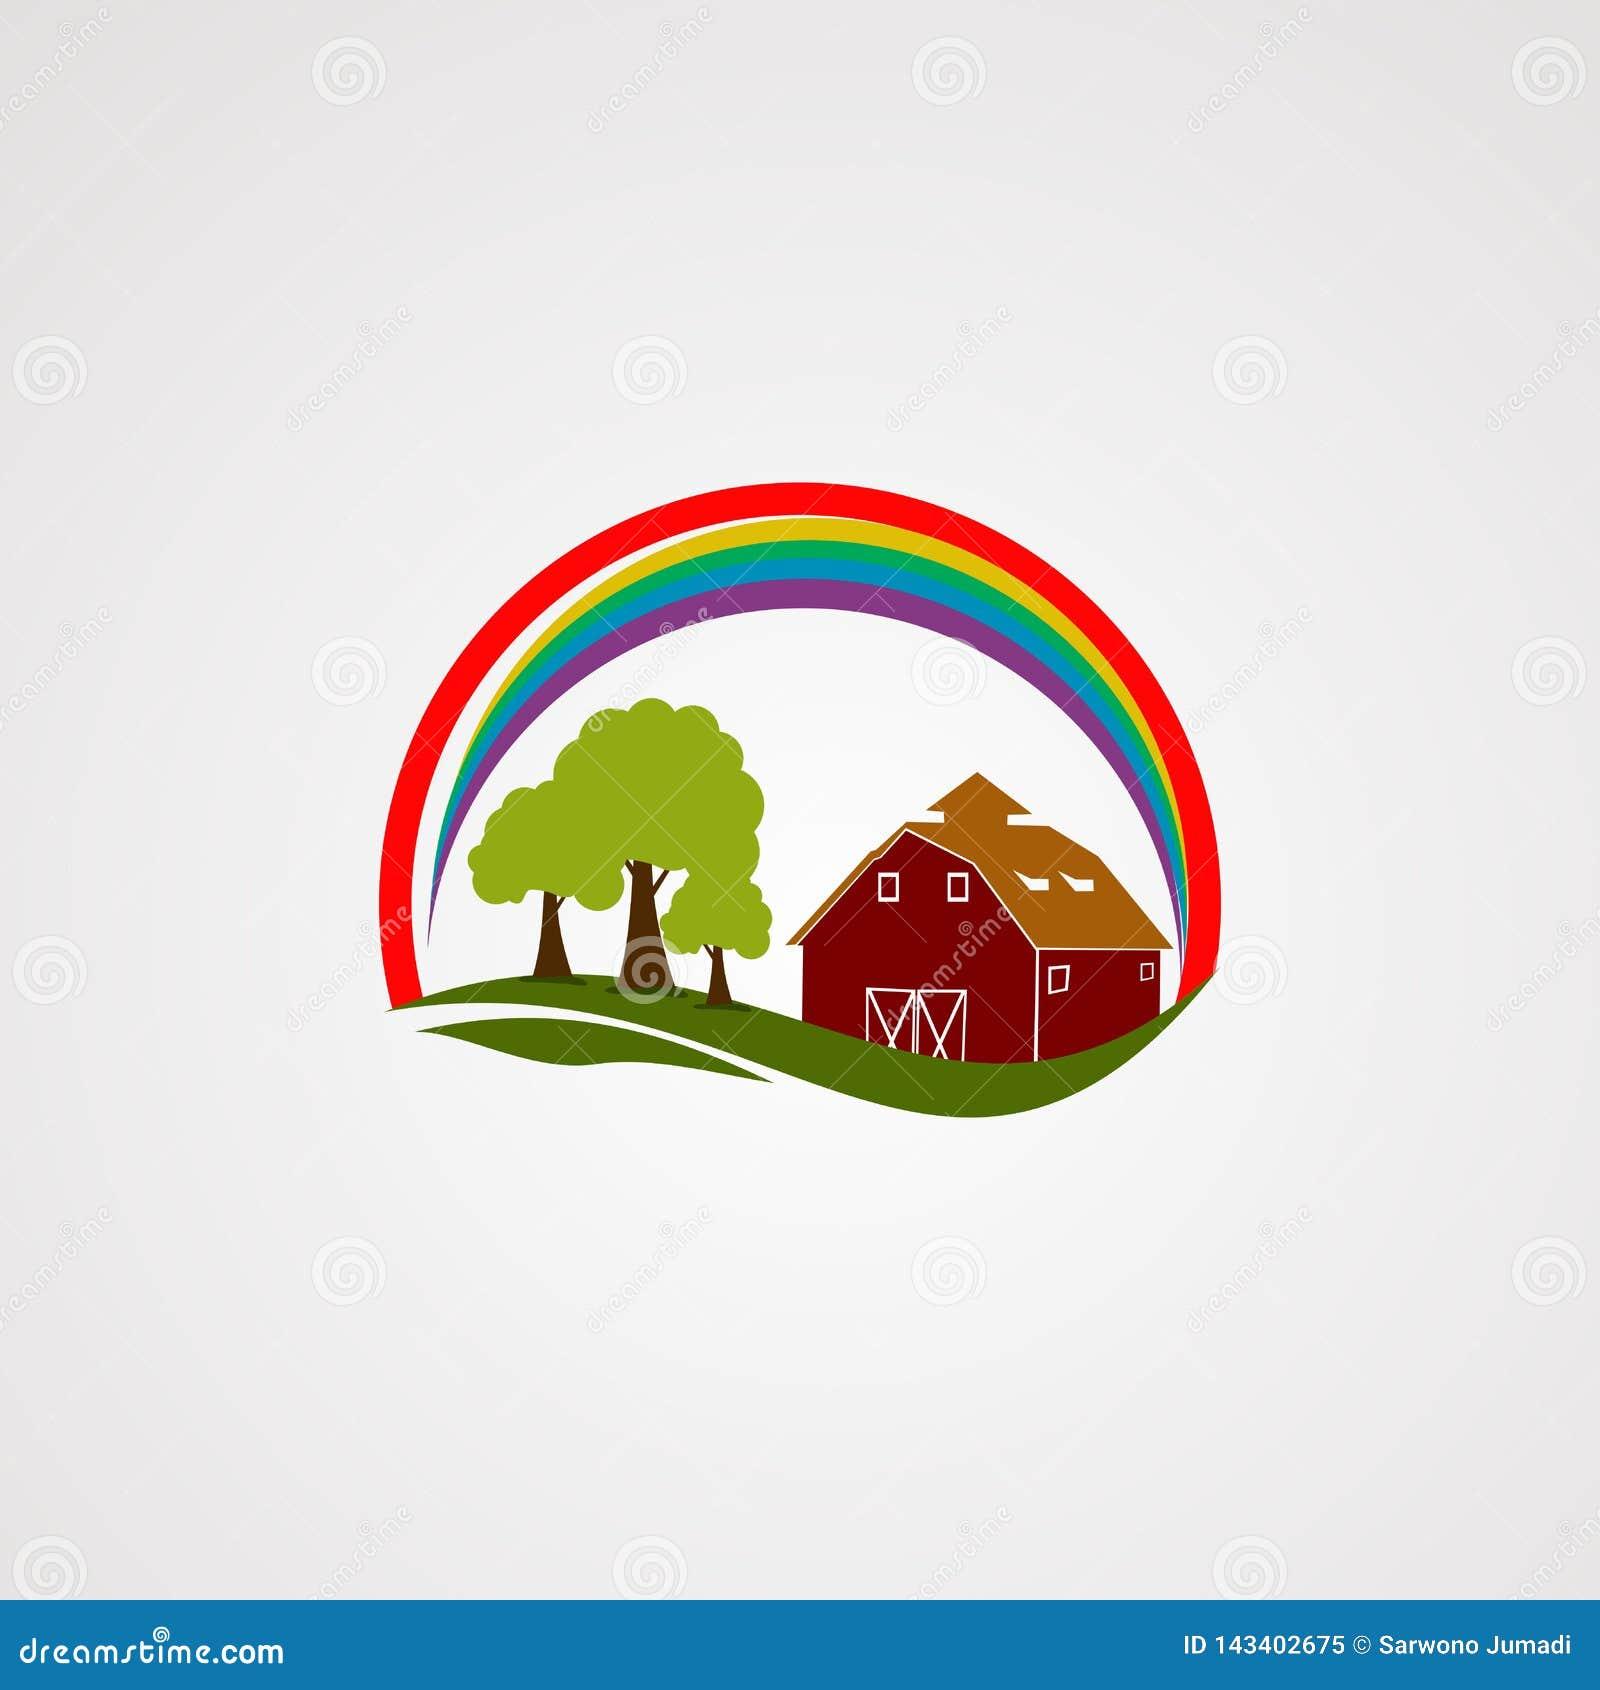 Vector, icono, elemento, y plantilla del logotipo de la granja de hogar del arco iris para la compañía